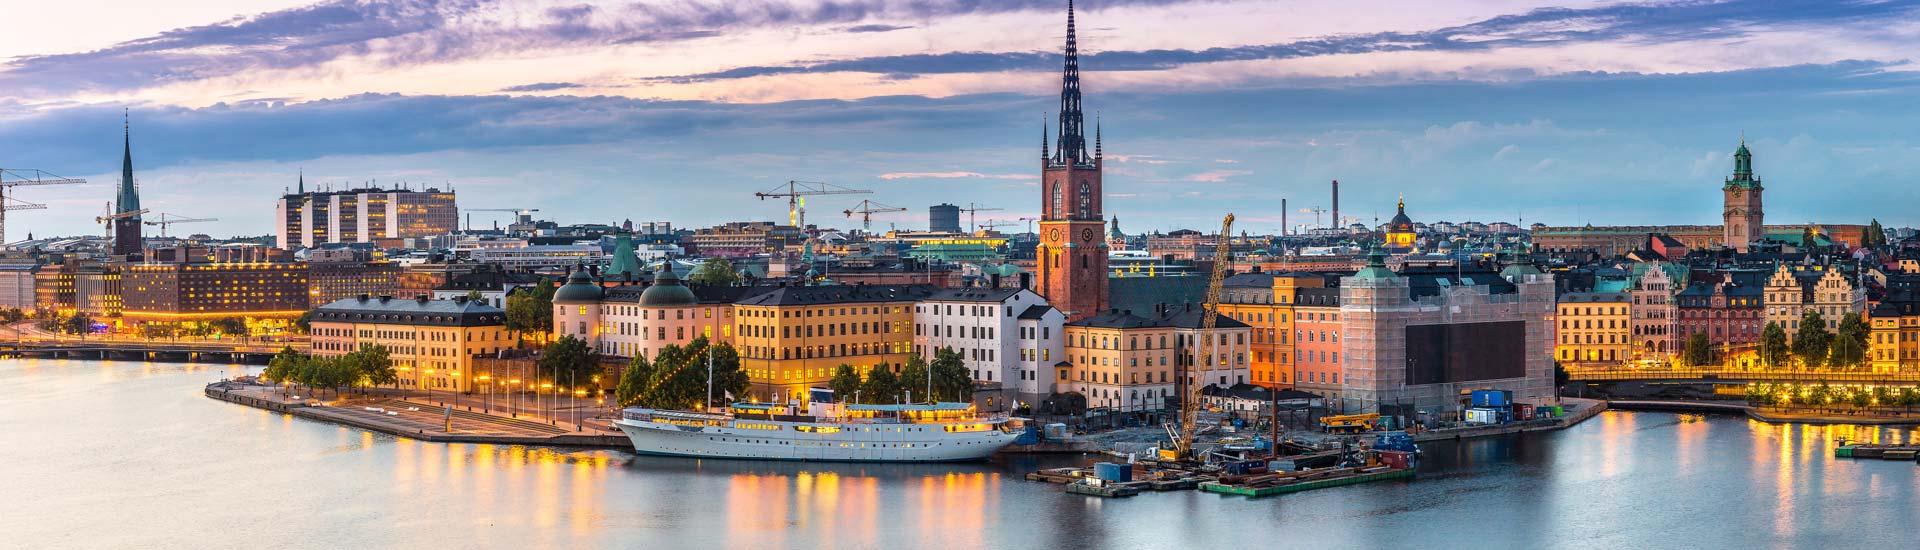 Spedition-Schweden-Logistikunternehmen